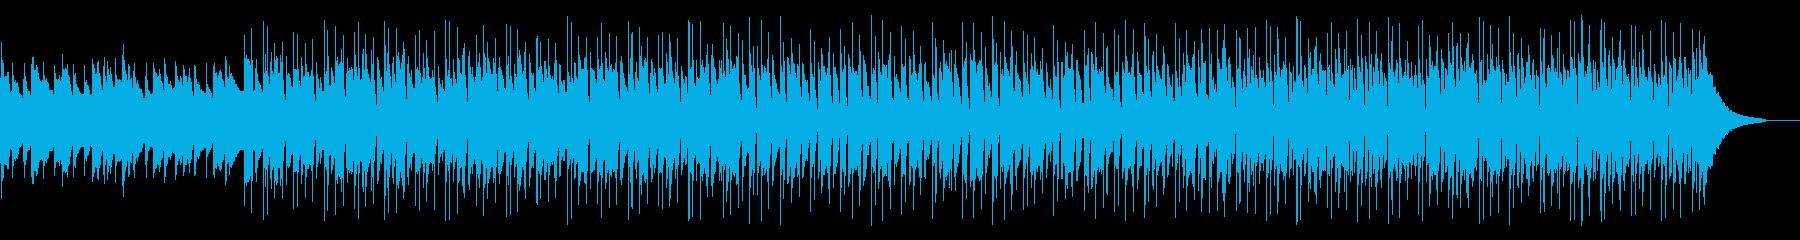 【メロ抜き】優しく軽やかなピアノの再生済みの波形